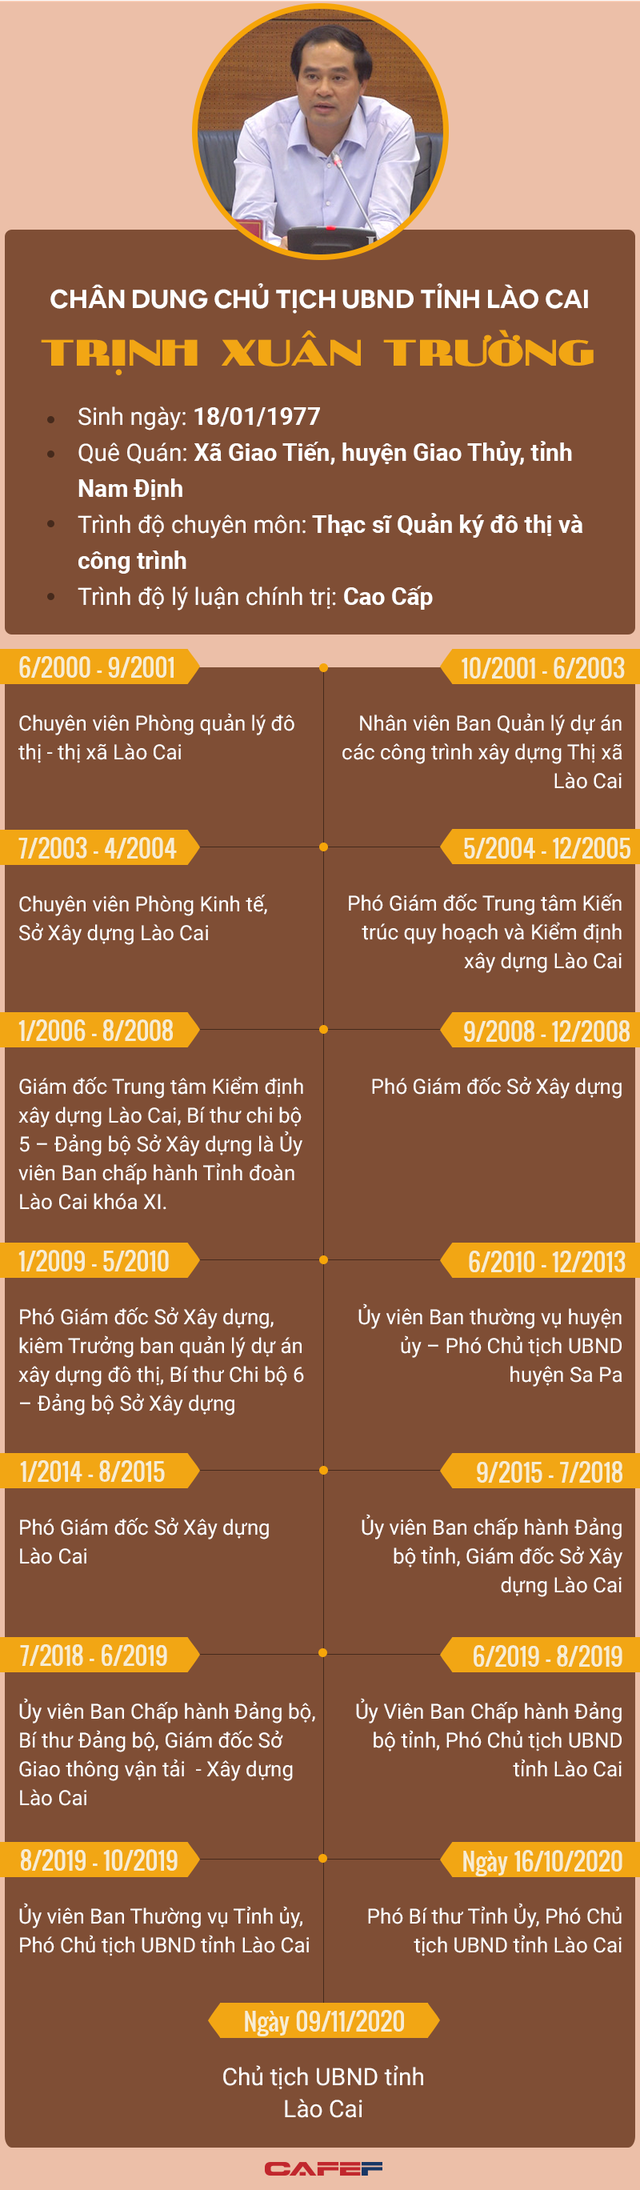 Infographic: Chân dung tân Chủ tịch UBND tỉnh Lào Cai Trịnh Xuân Trường - Ảnh 1.